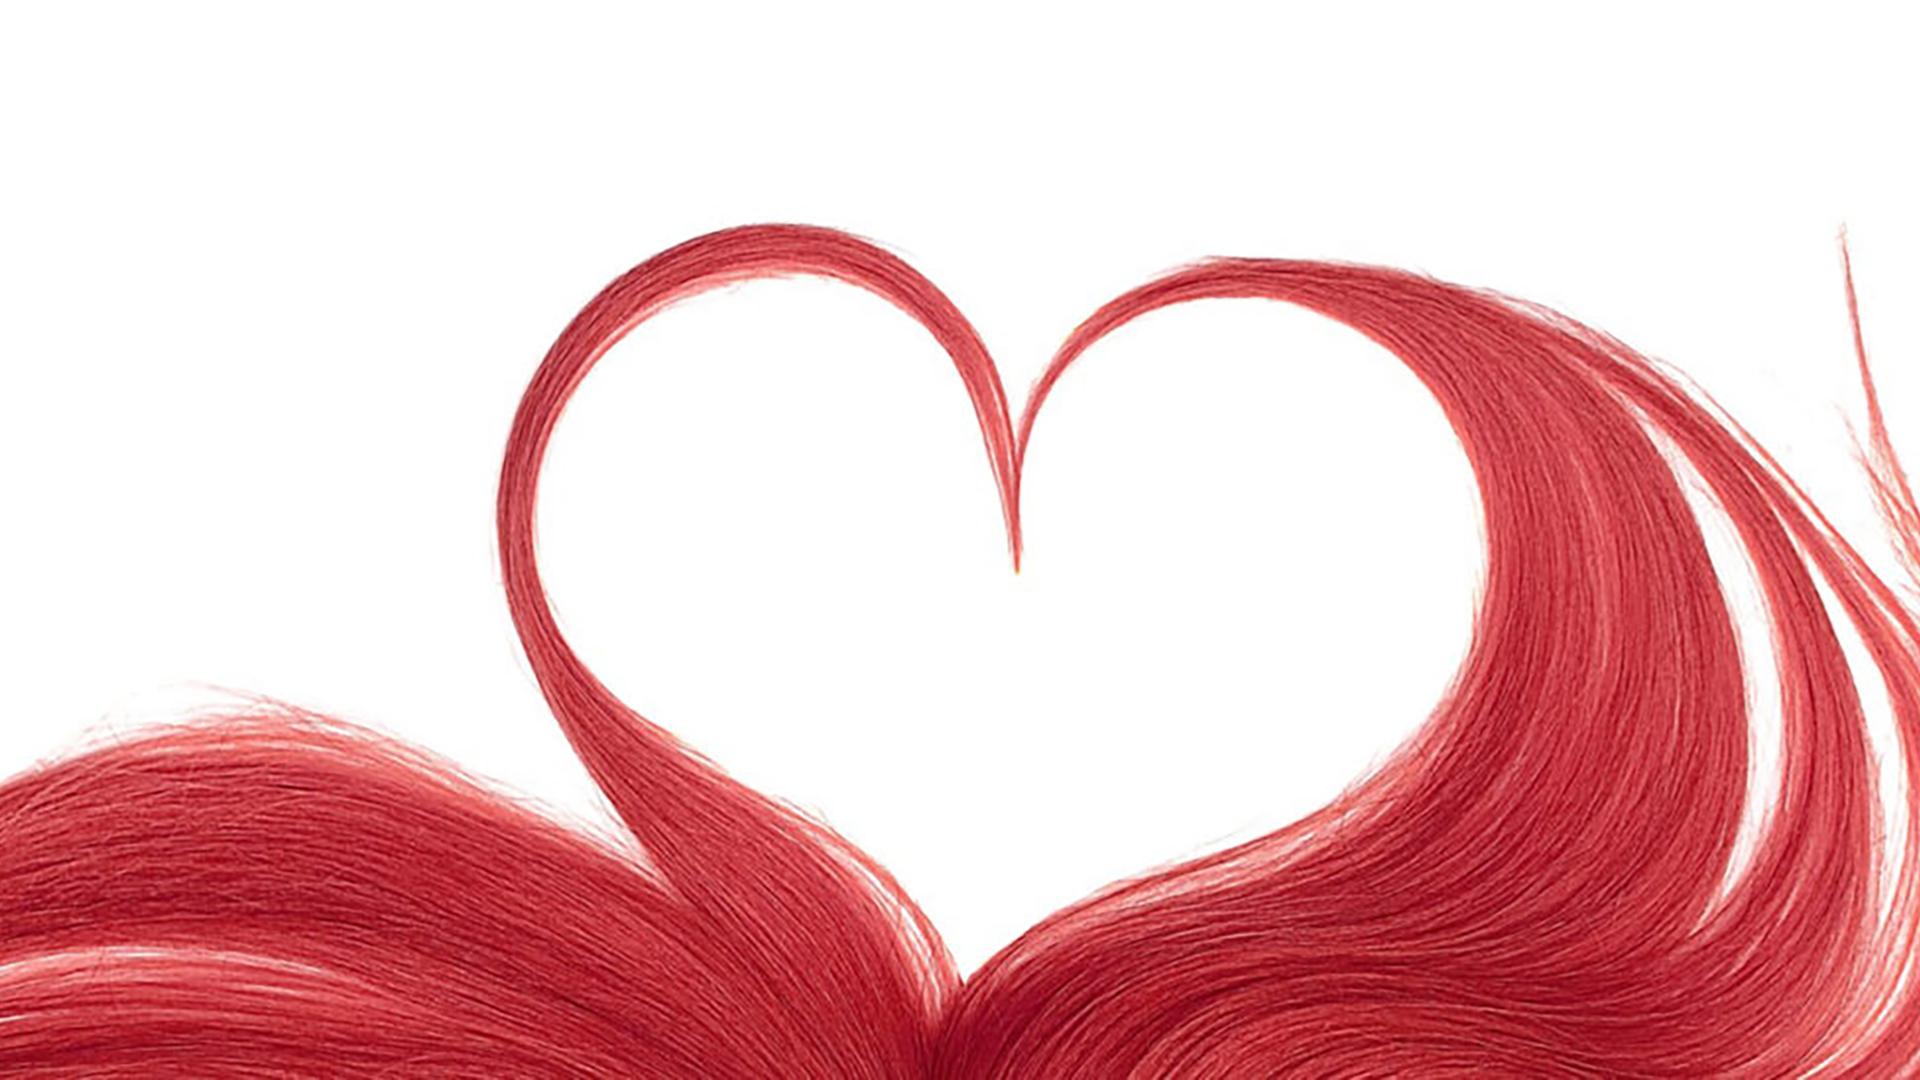 Hairzstück rote Haare formen ein Herz